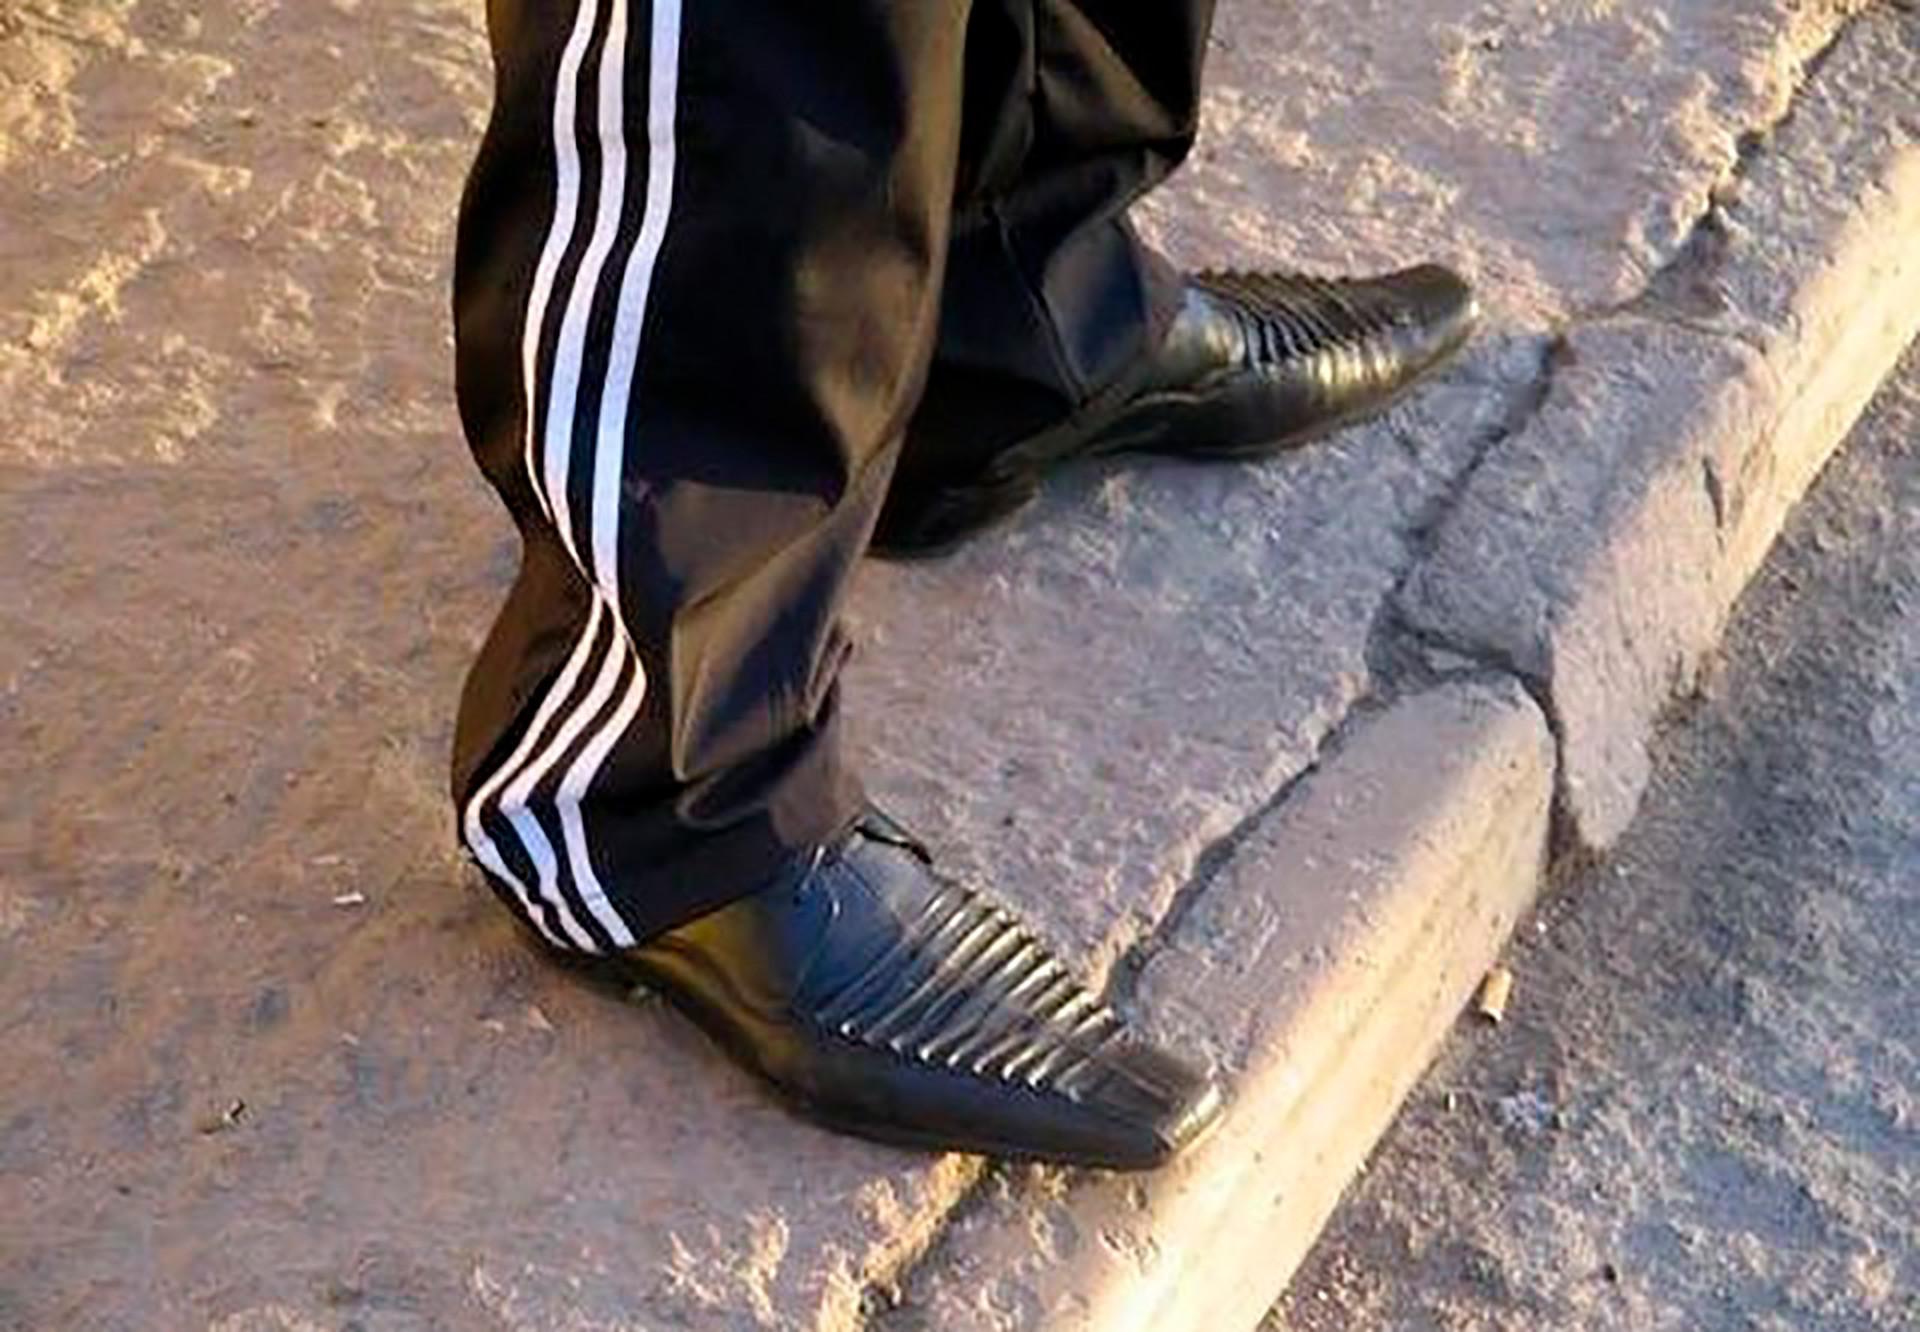 Kombinacija Adidas trenirke i kožnih cipela je osobito otmjena (posebno ako ste gopnik i uopće nemate stila).